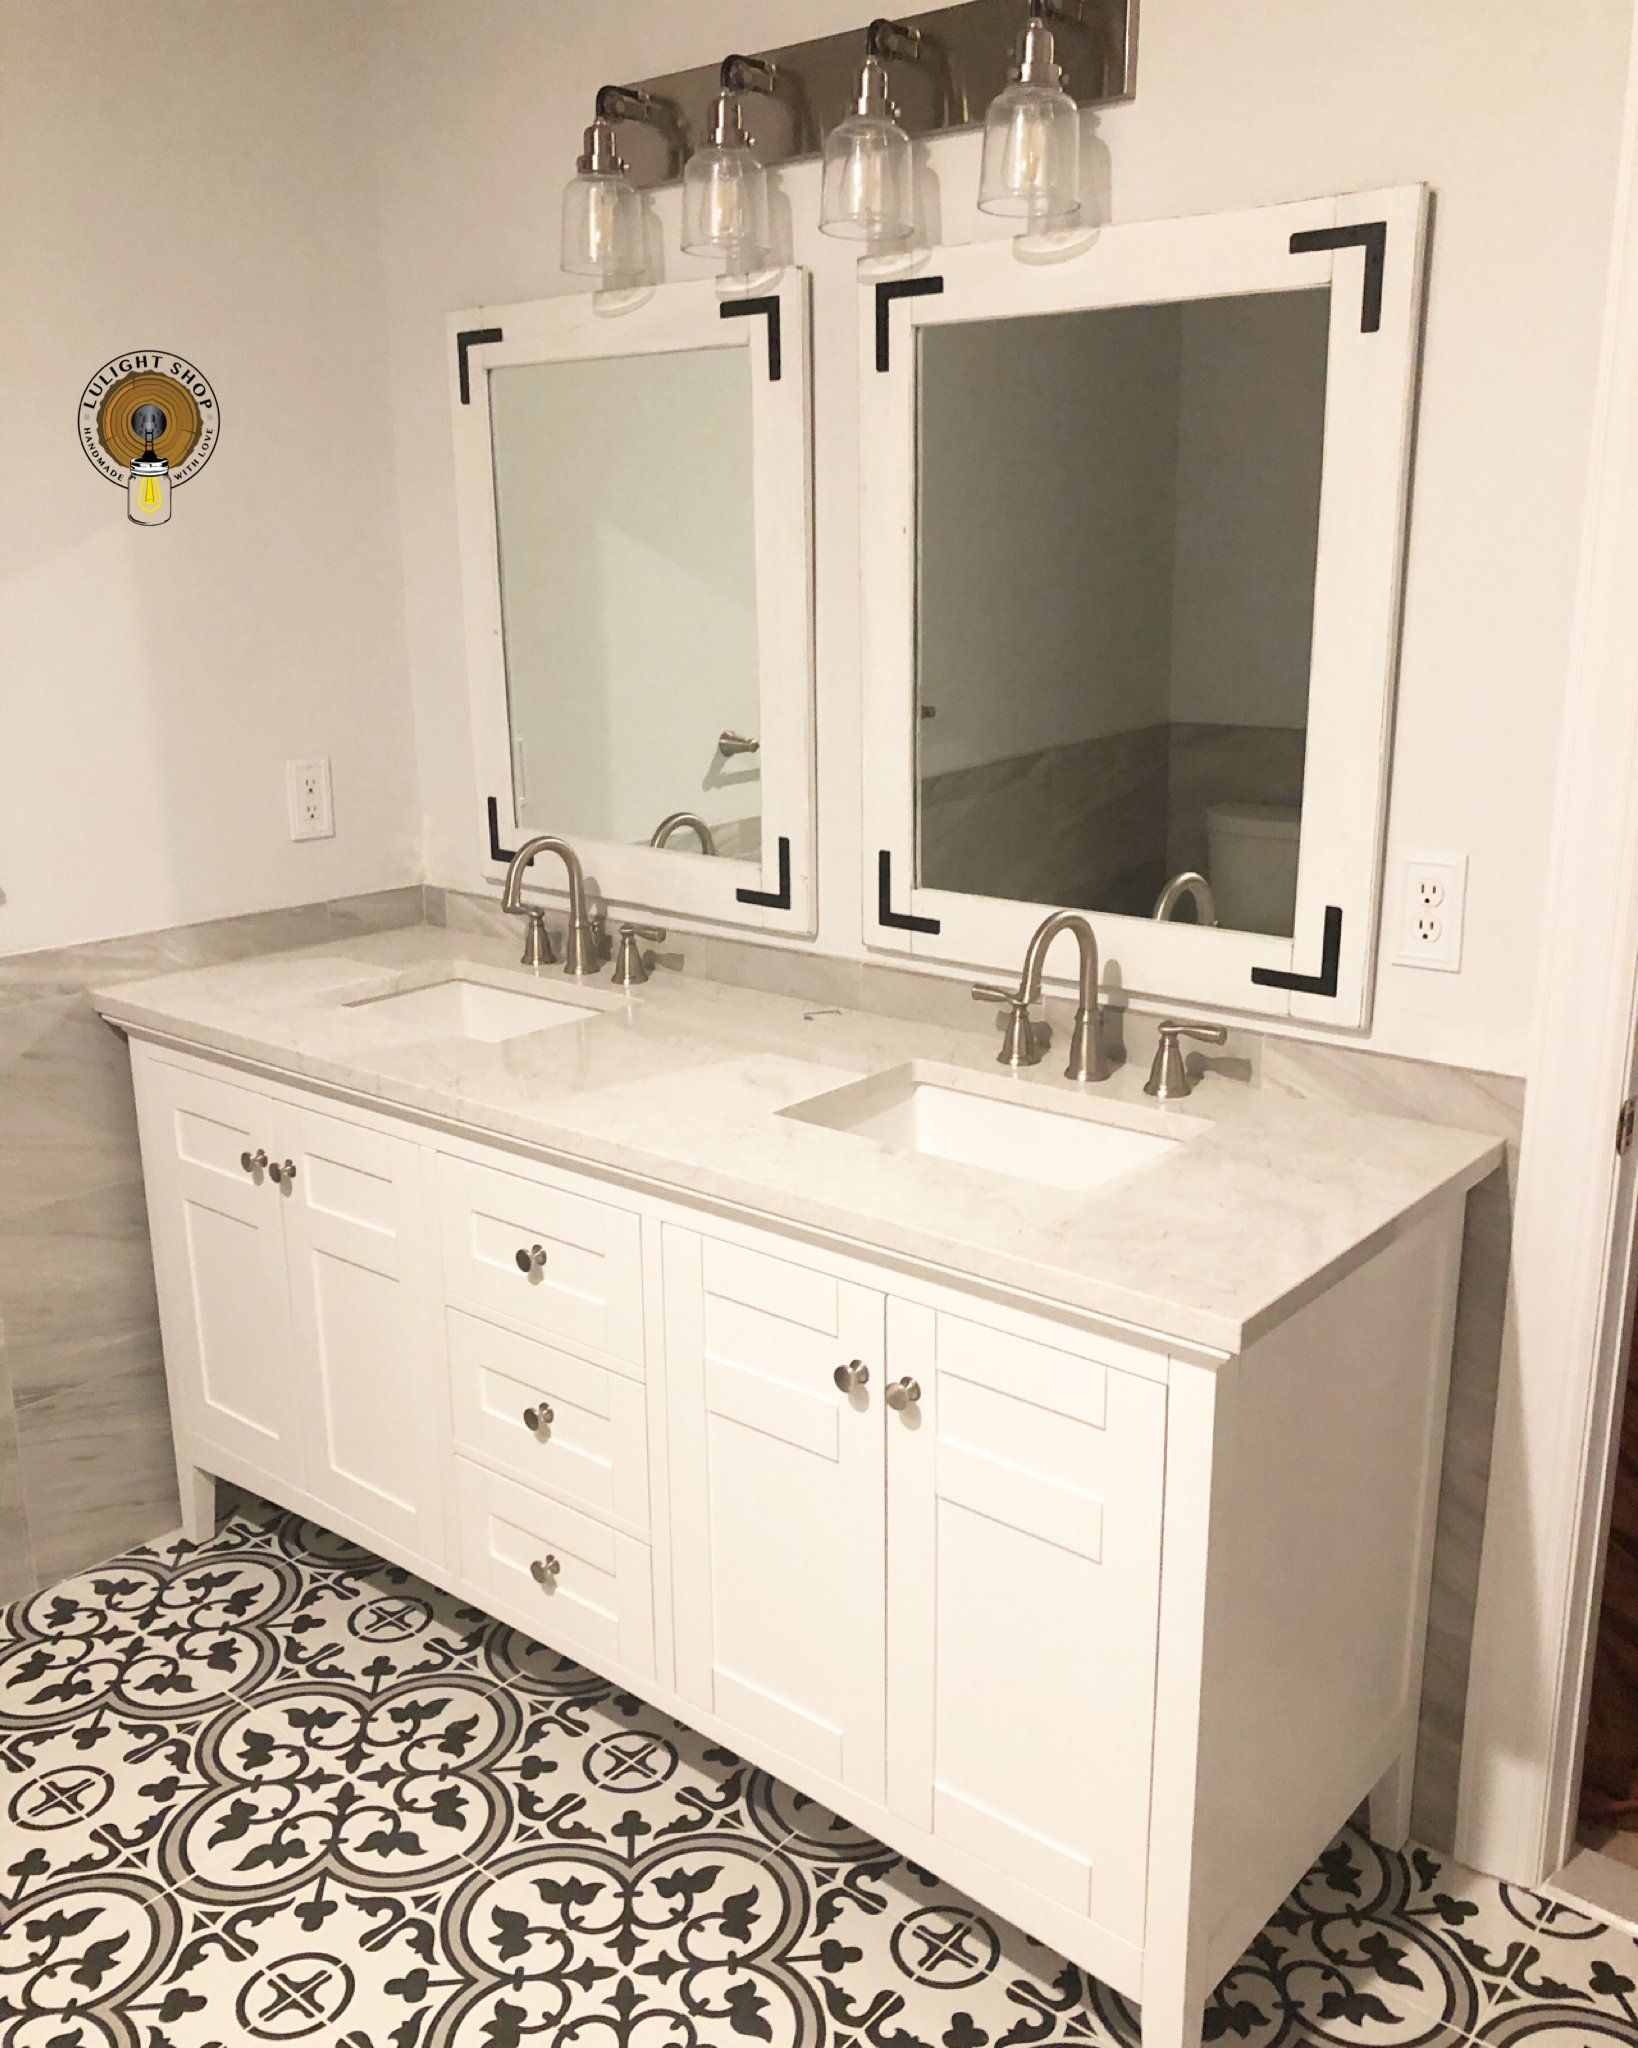 Whitewash Mirror With Black Brackets Wood Frame Mirror Farmhouse Mirror Rustic Wood Bathroom Mirror Vanity Mirror Large Mirror Small Mirror Wood Mirror Bathroom Wood Framed Mirror Industrial Style Bathroom [ 2048 x 1638 Pixel ]